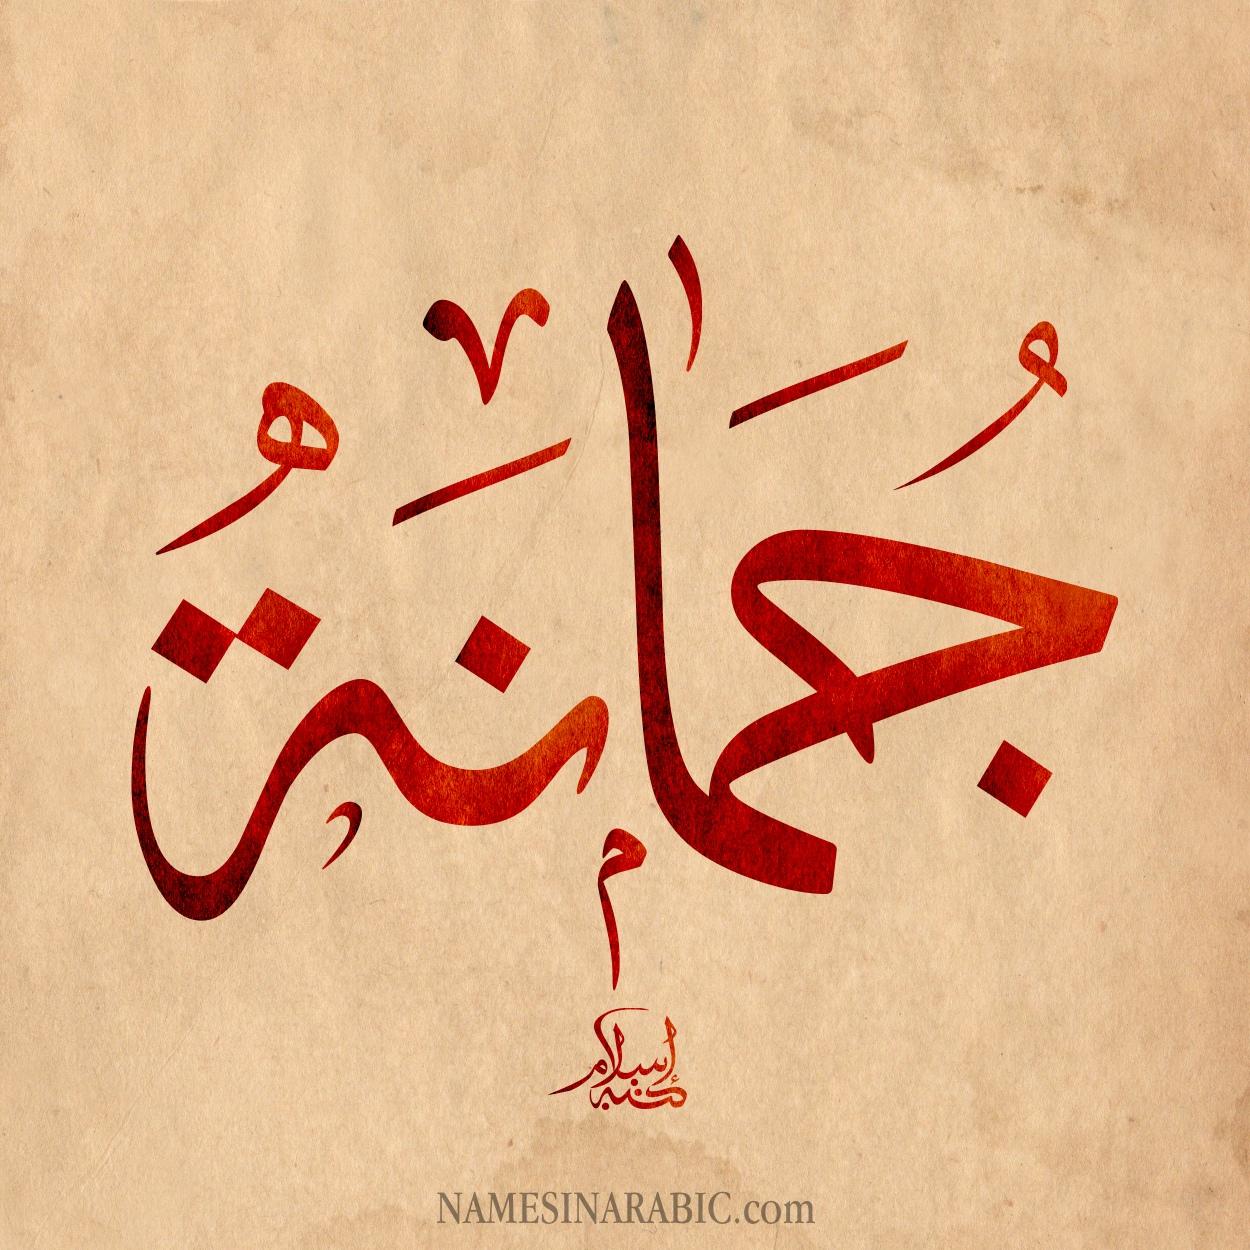 Jumanah-Name-in-Arabic-Calligraphy.jpg